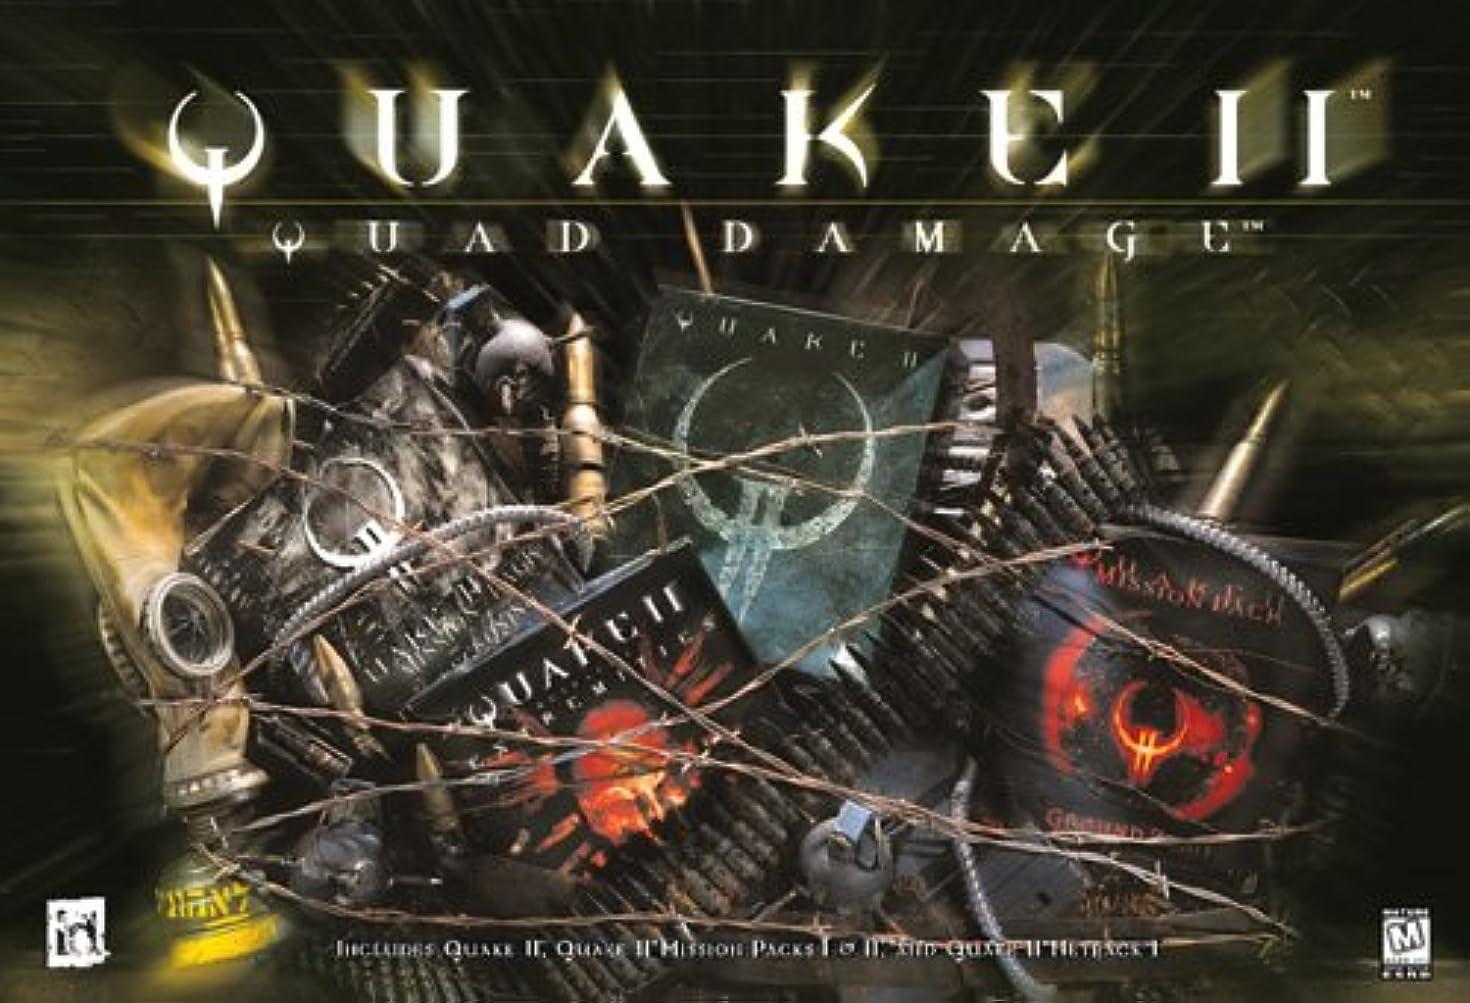 言い直す限り起業家Quake 2: Quad Damage (輸入版)